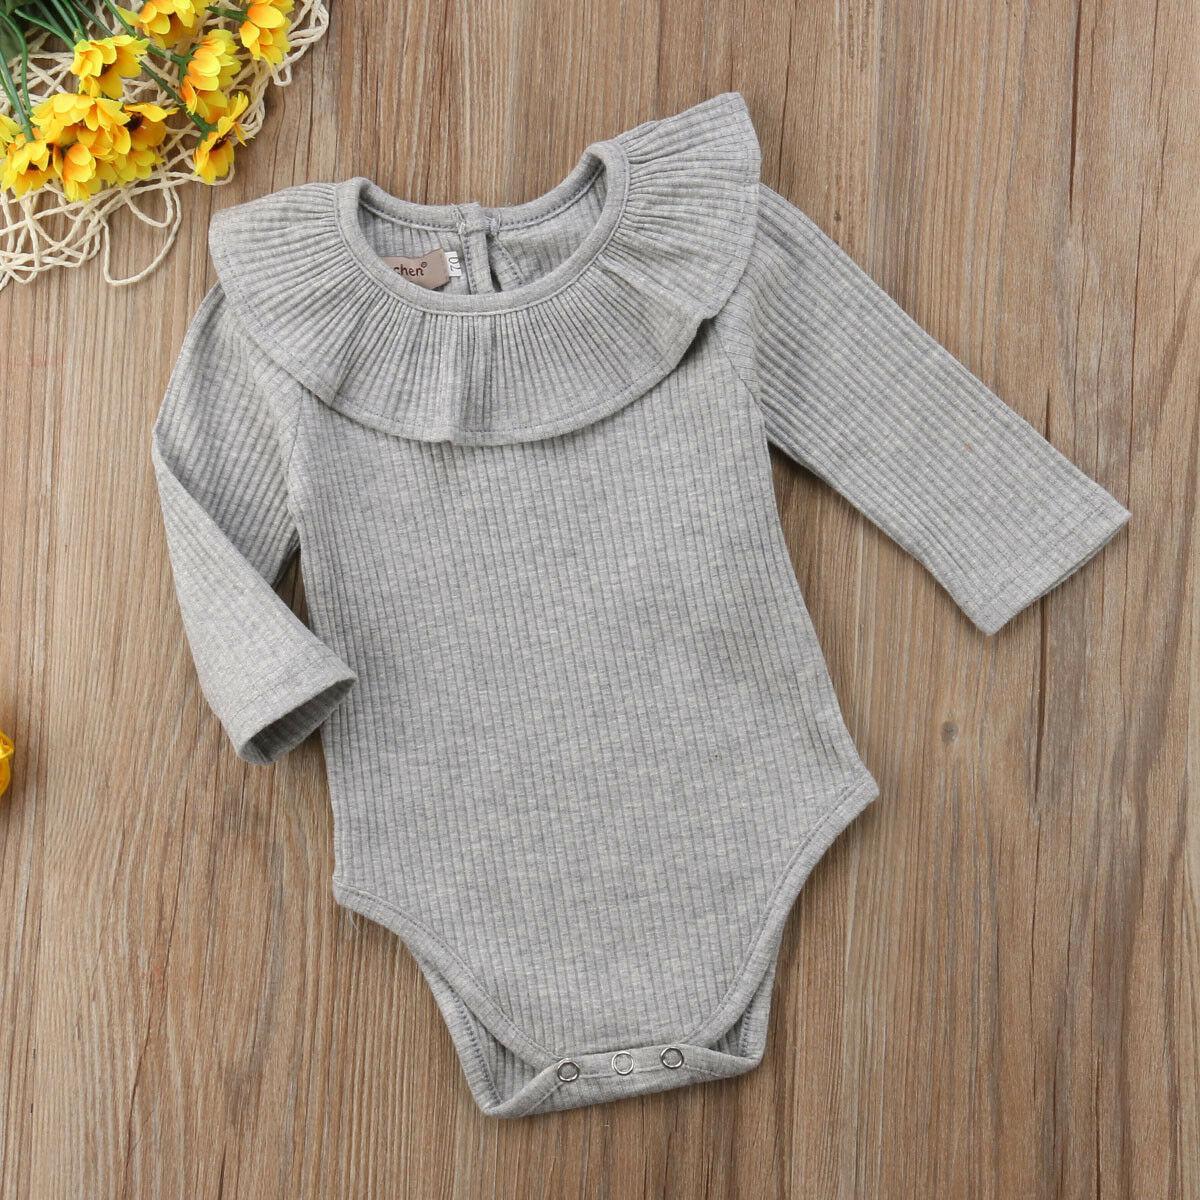 2019 bambino di colore solido delle tute di cotone morbido ragazza del neonato del pagliaccetto maniche lunghe Lotus Foglia Collare della tuta Outfits 0-24month